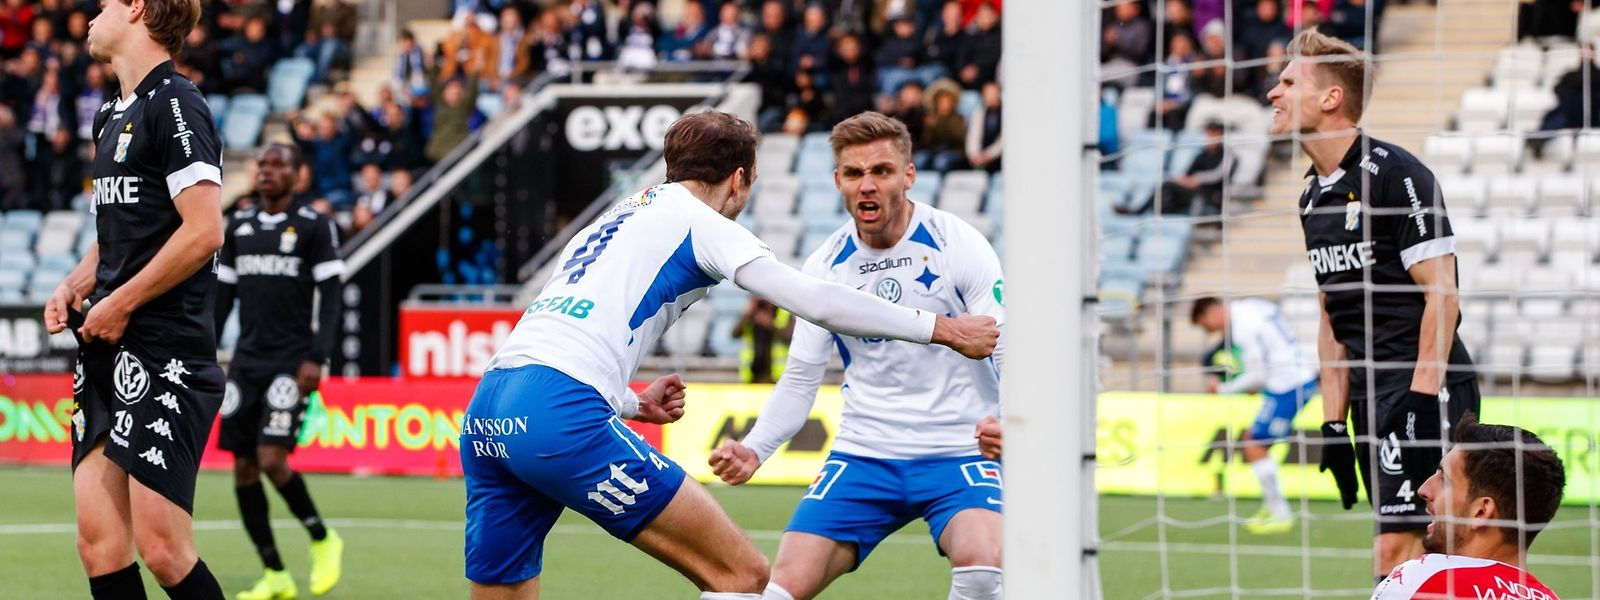 40e minute: Lars Gerson (n°4) vient de tromper le portier de l'IFK Göteborg d'une reprise de volée acrobatique pour l'égalisation de Norrköping (1-1)